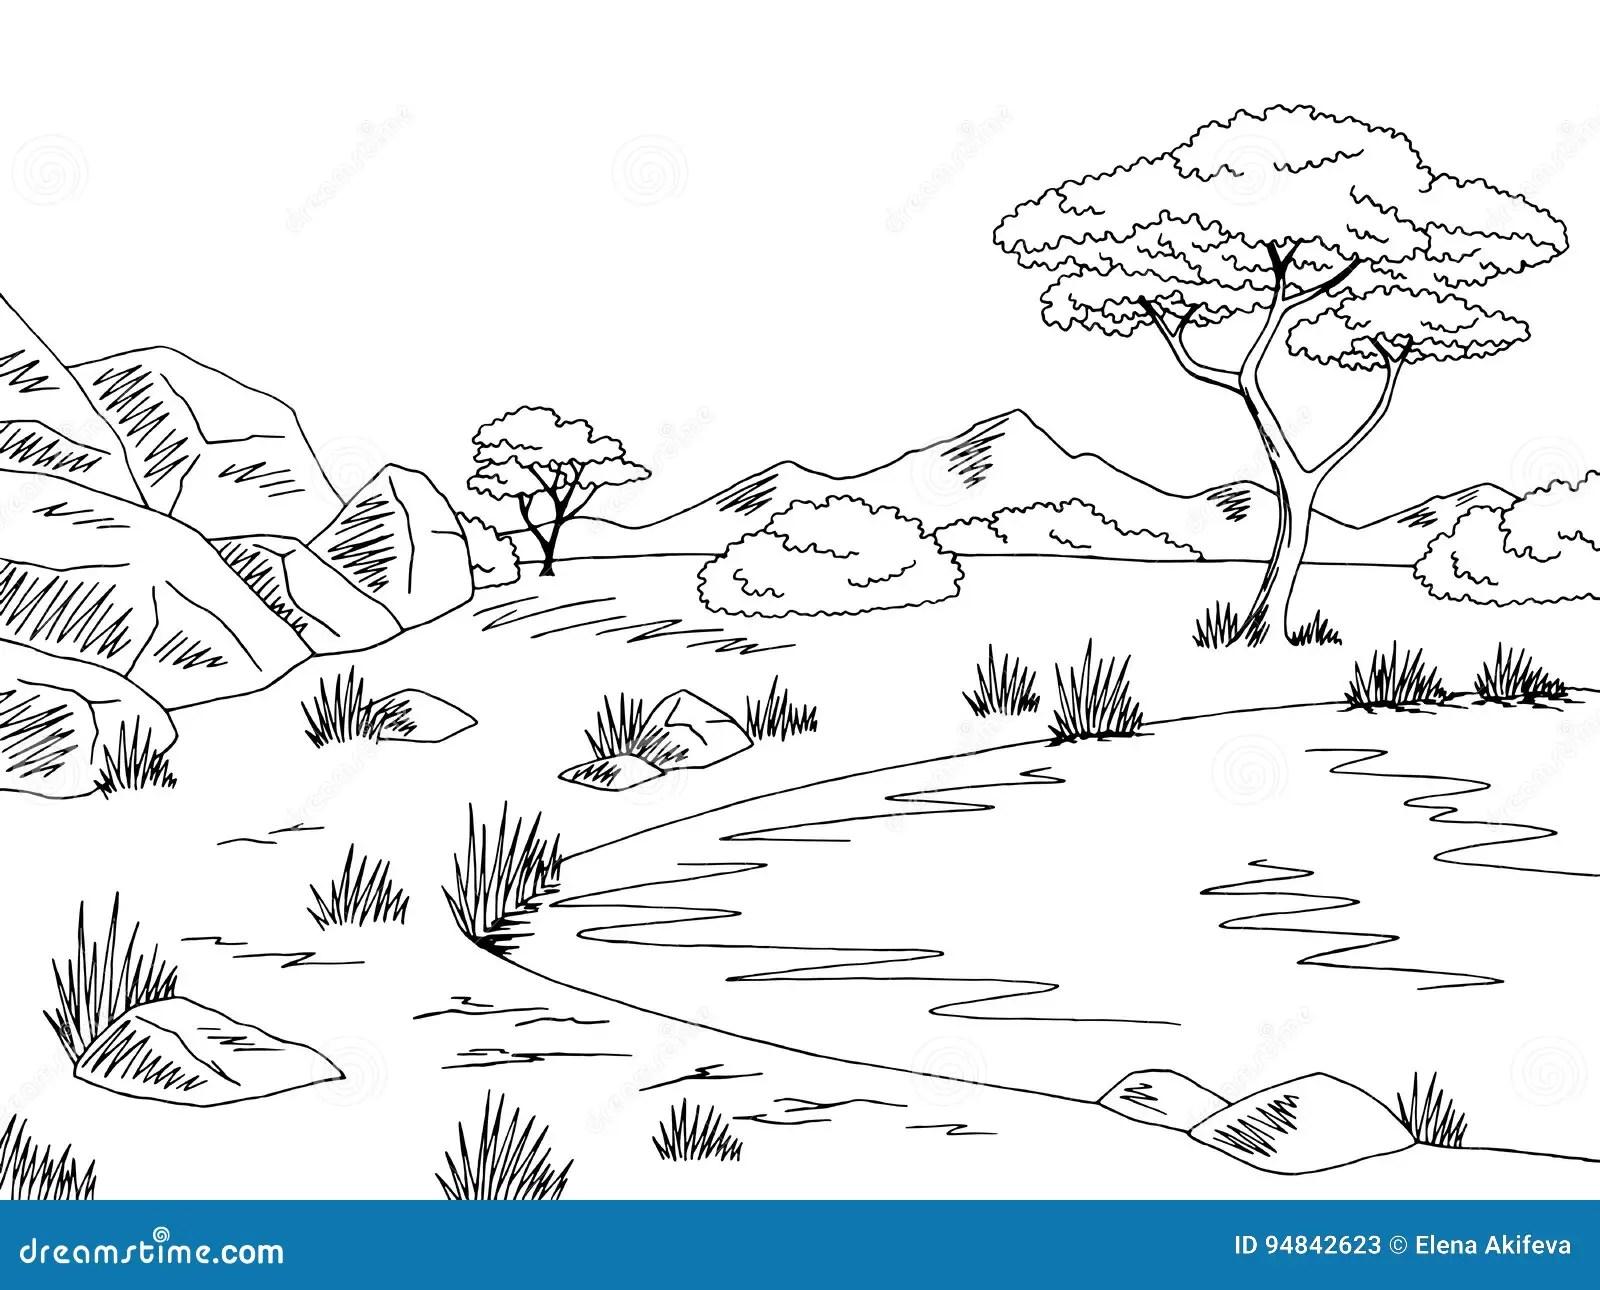 Illustration Blanche Noire Graphique De Croquis De Paysage